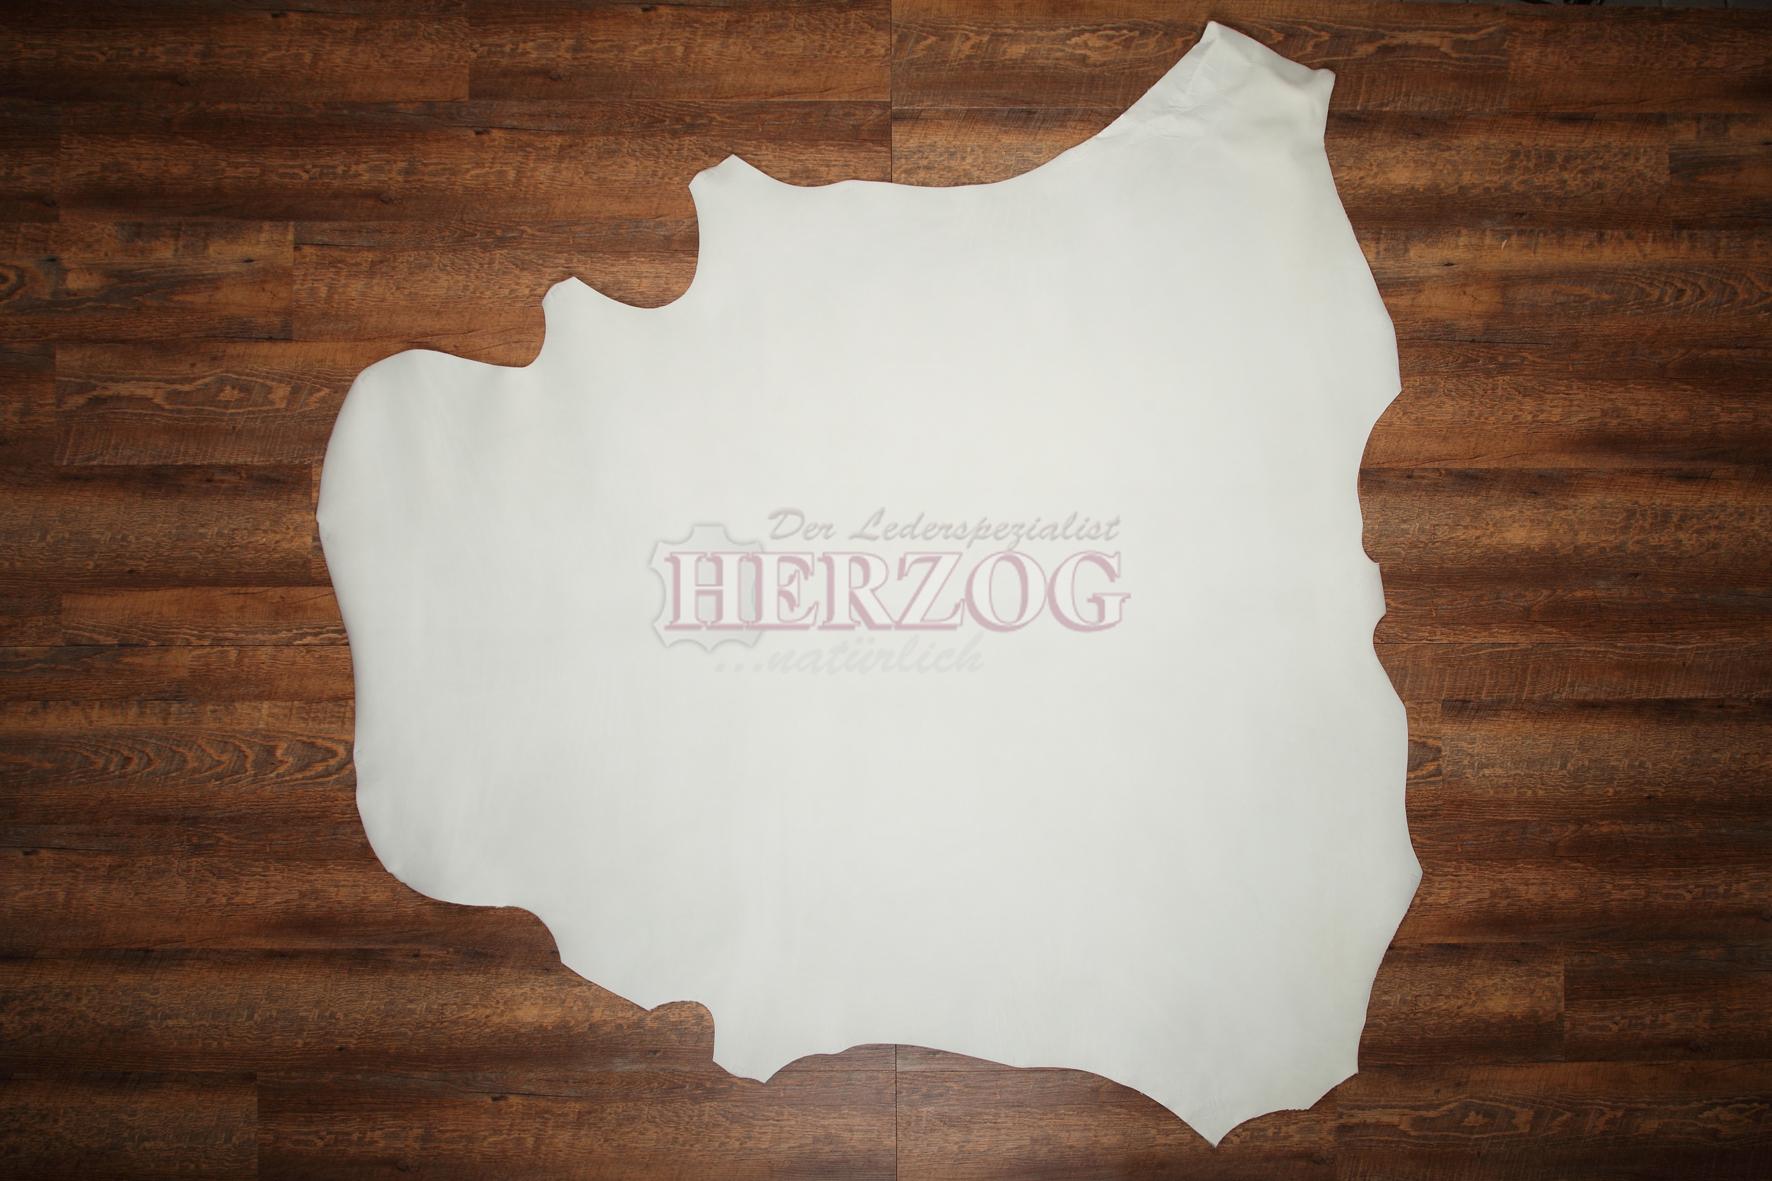 Herzog Balgleder Fest (ganzes Fell)